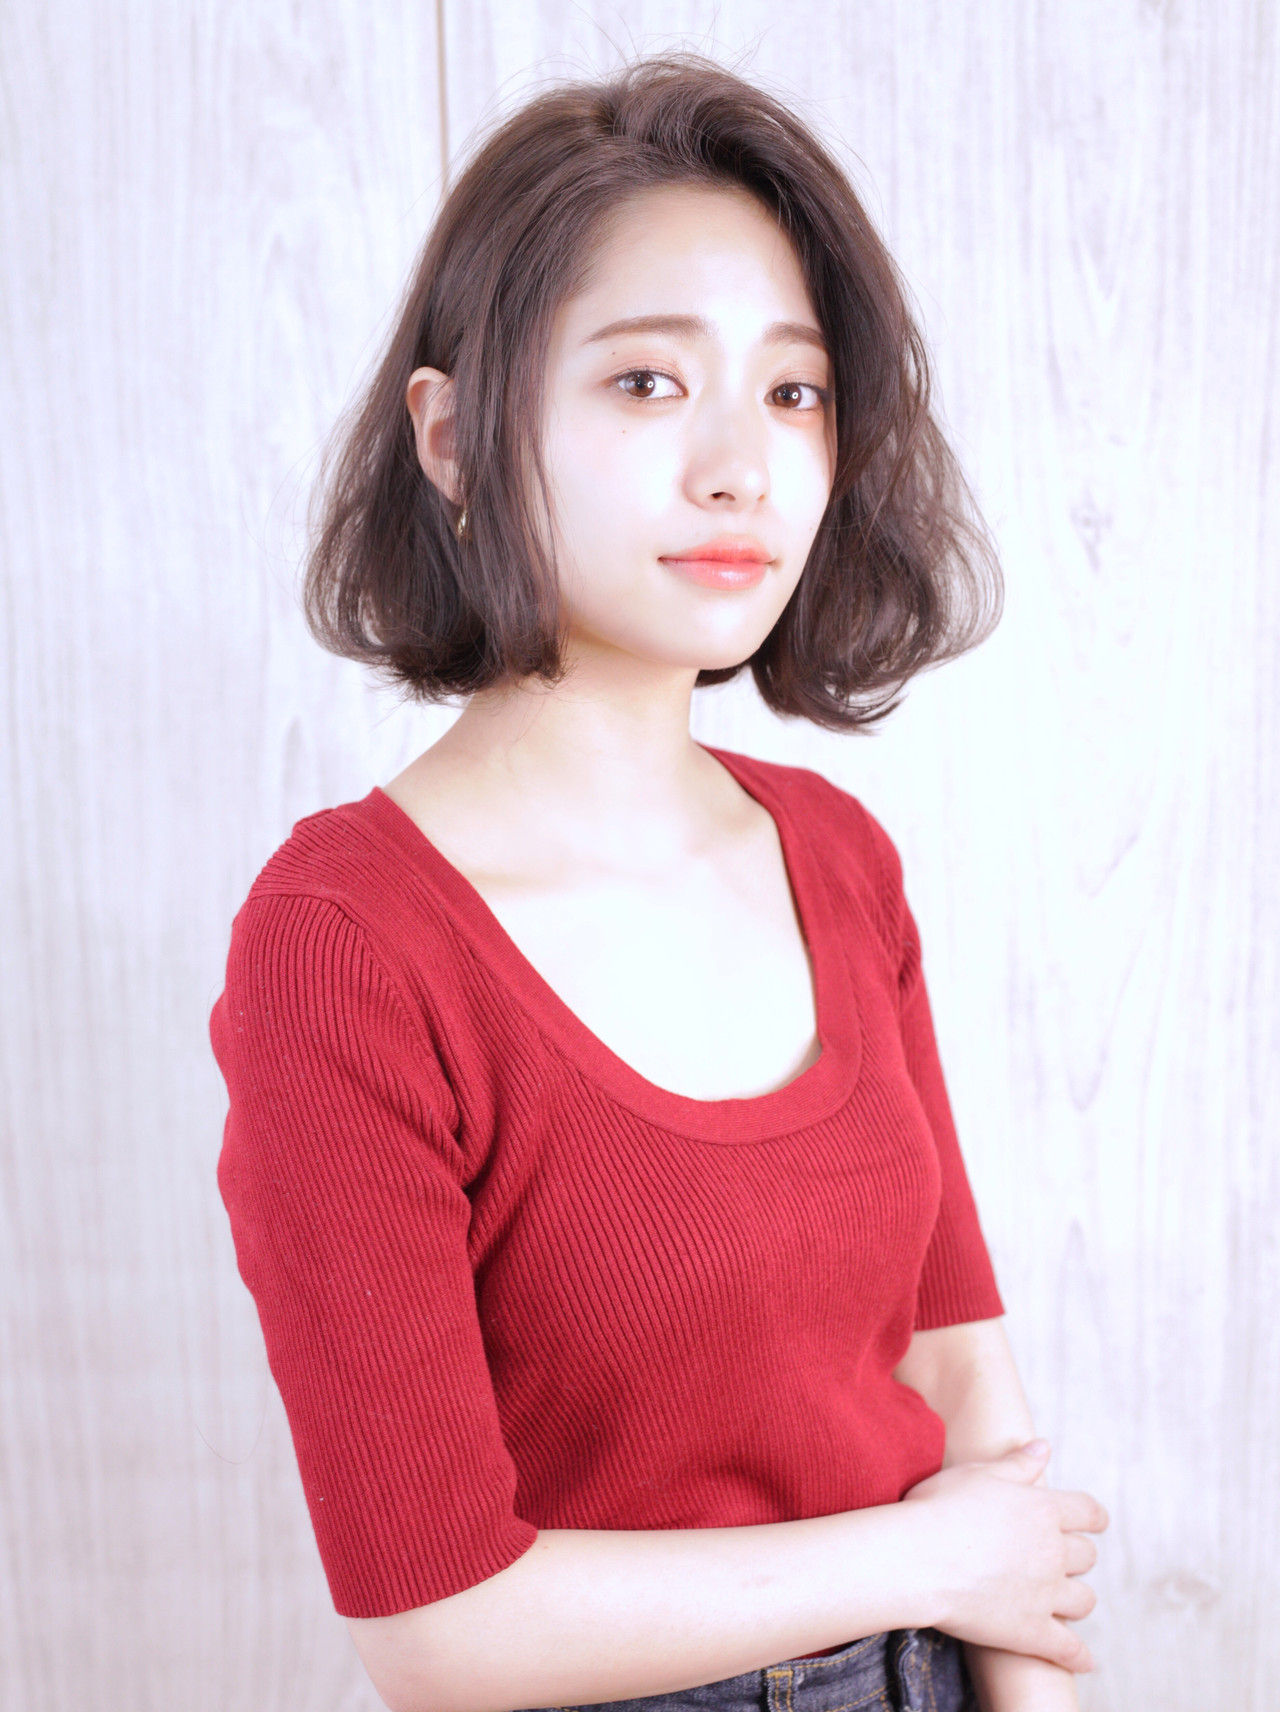 アンニュイに♡毛先パーマのボブヘア 石田 学史